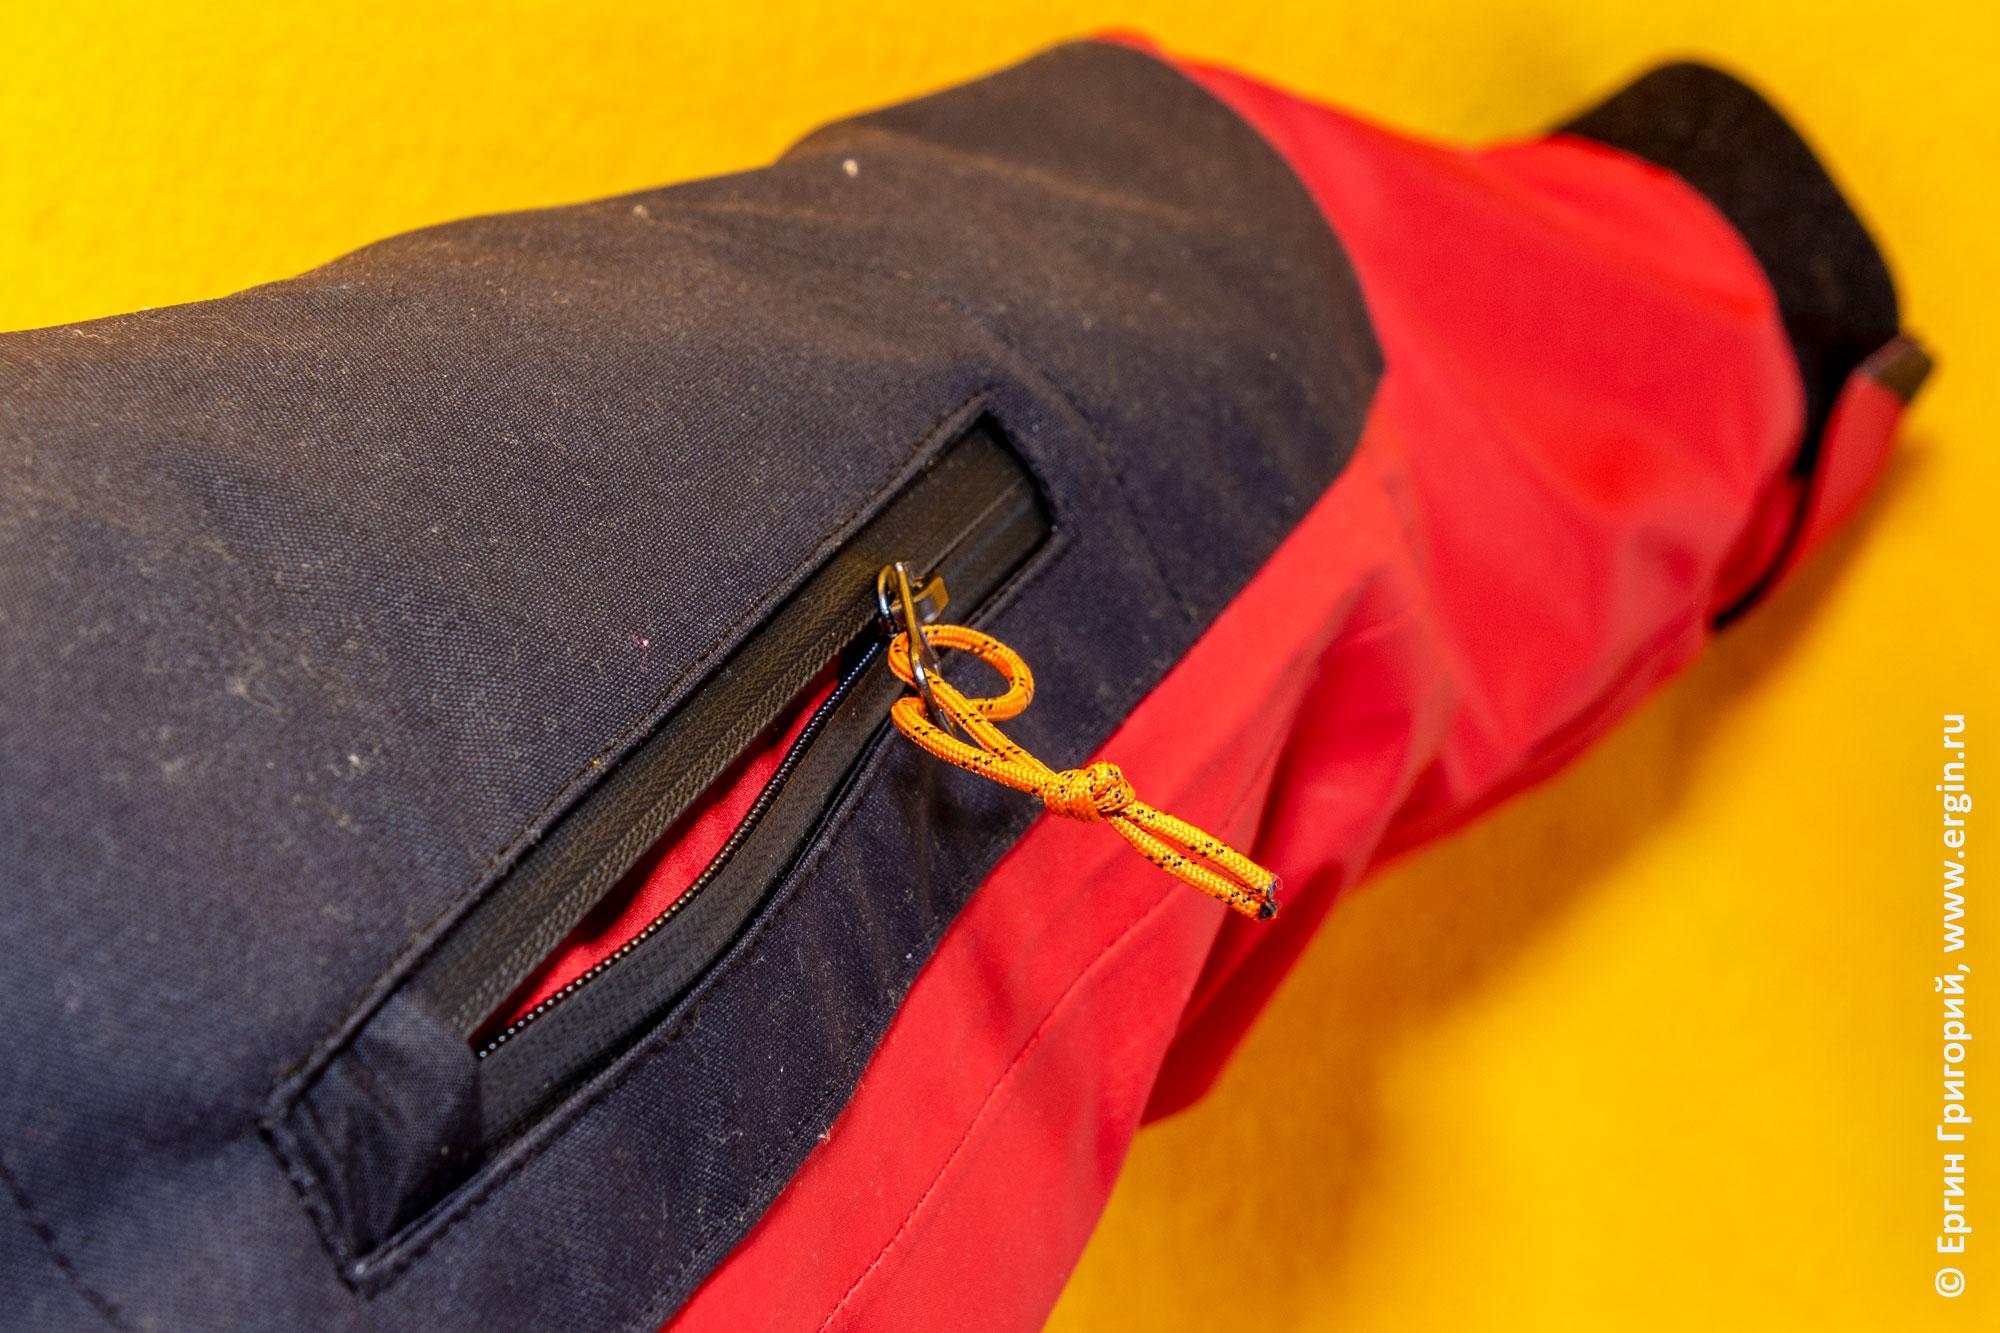 Карман для мелочей на рукаве сухого костюма для каякинга